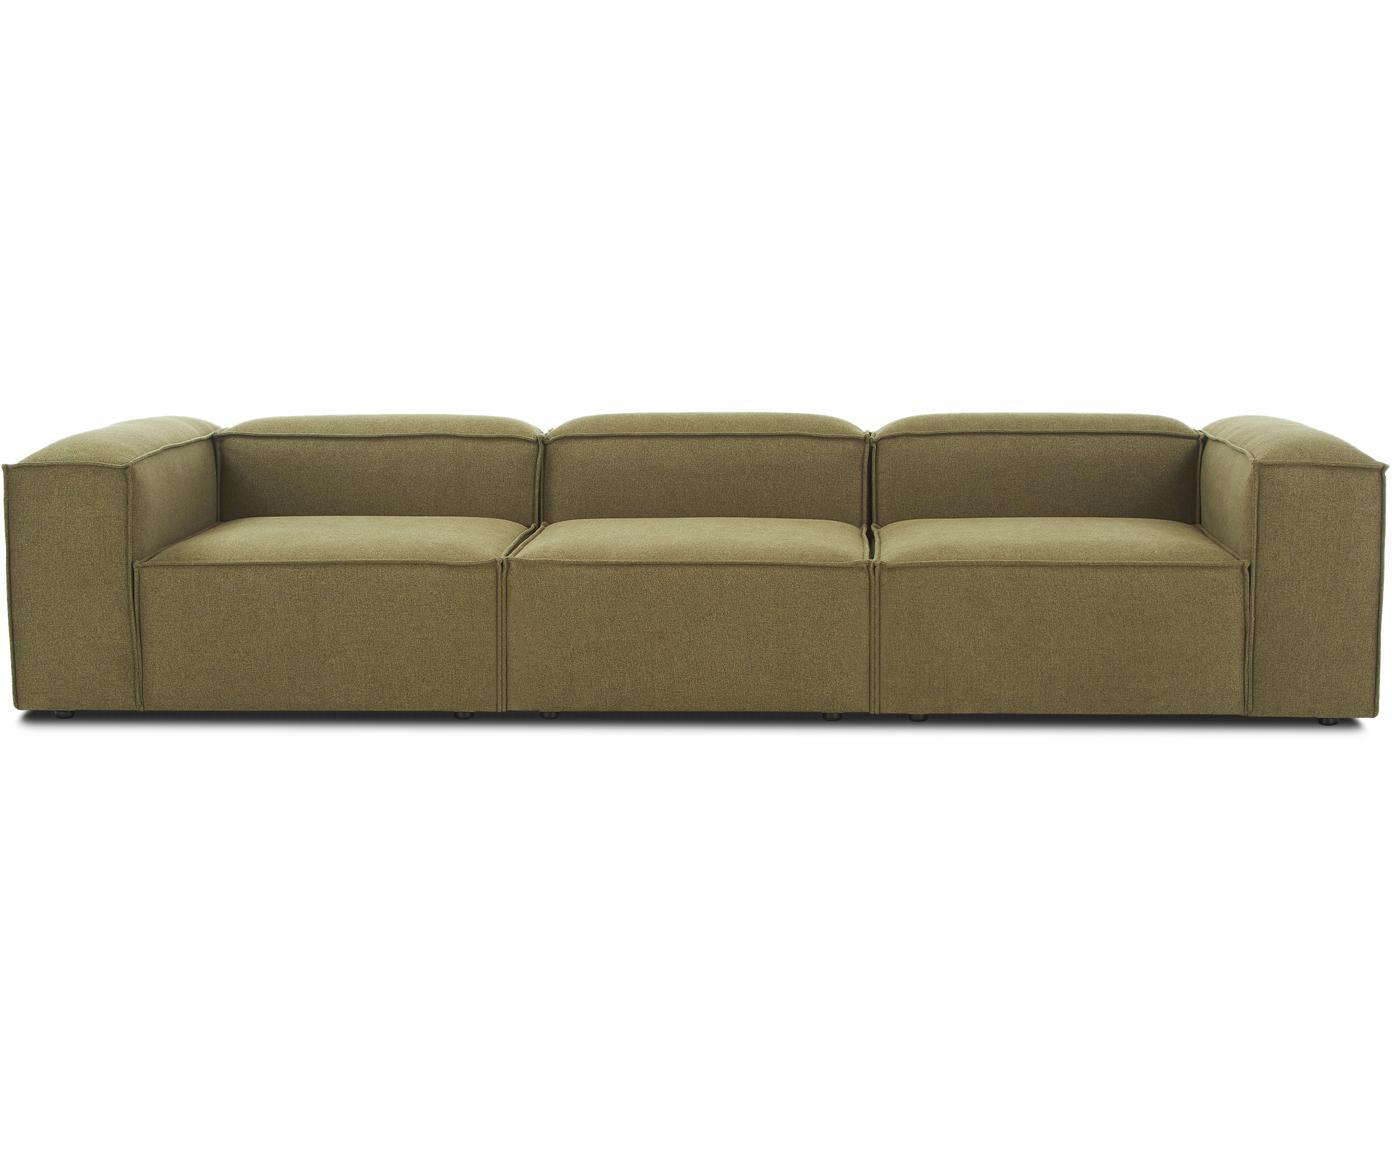 Sofa modułowa Lennon (4-osobowa), Tapicerka: 100% poliester 35000cyk, Stelaż: lite drewno sosnowe, skle, Nogi: tworzywo sztuczne, Zielony, S 326 x G 119 cm